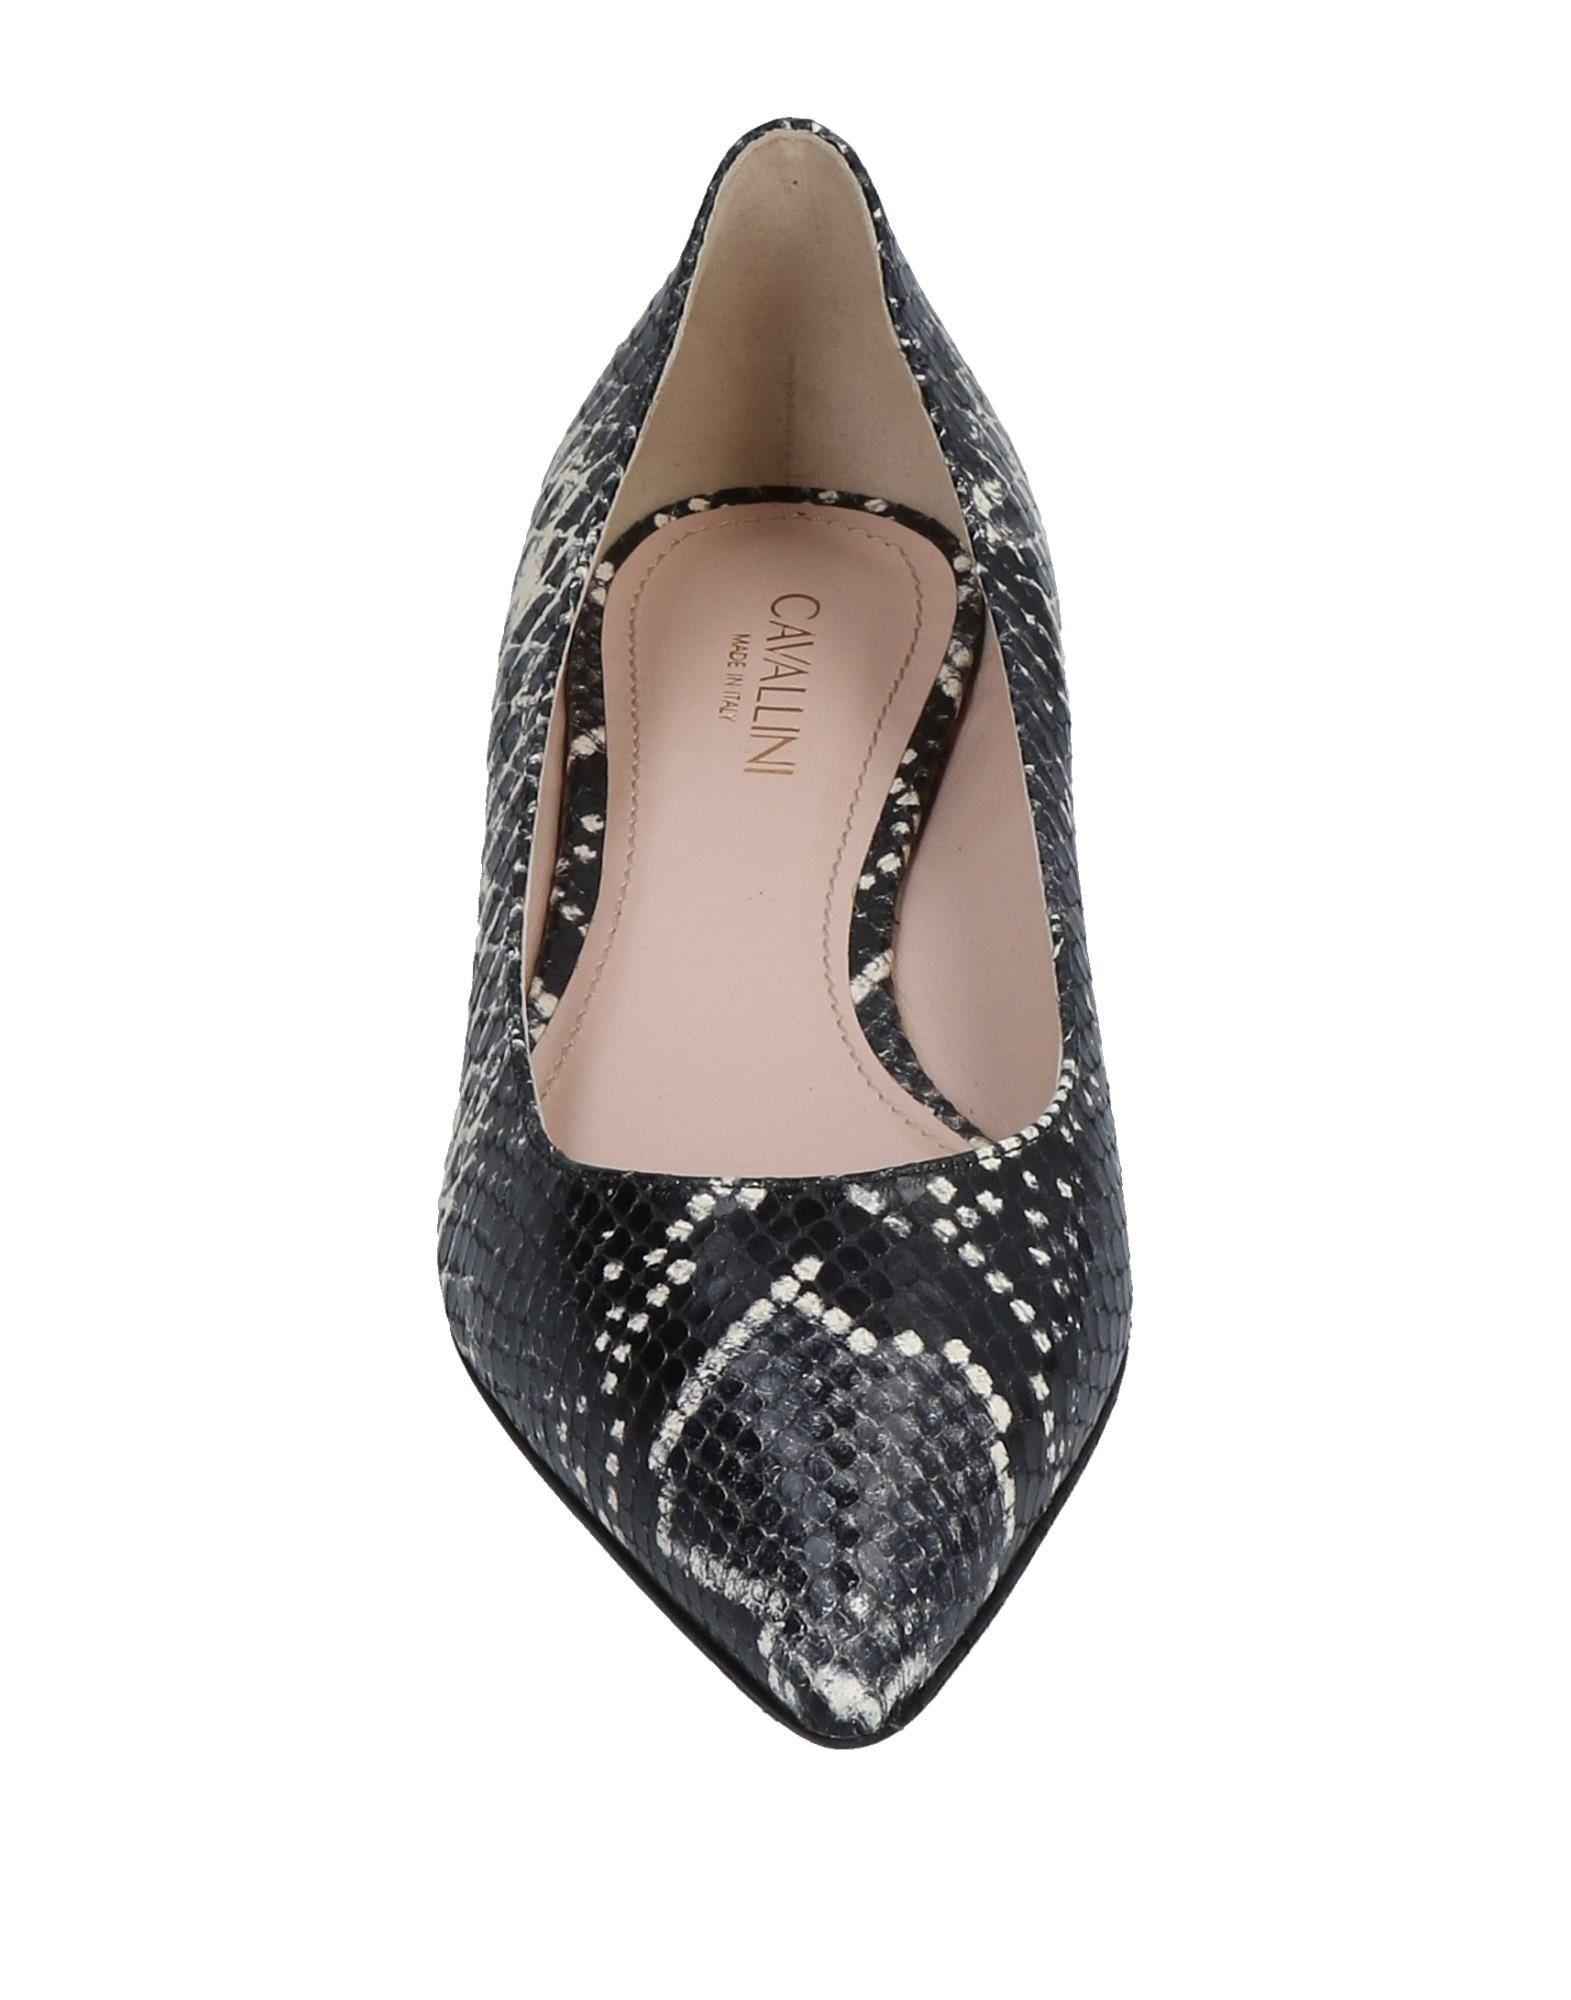 Scarpe economiche e resistenti Ballerine Cavallini Donna - 11488052HK